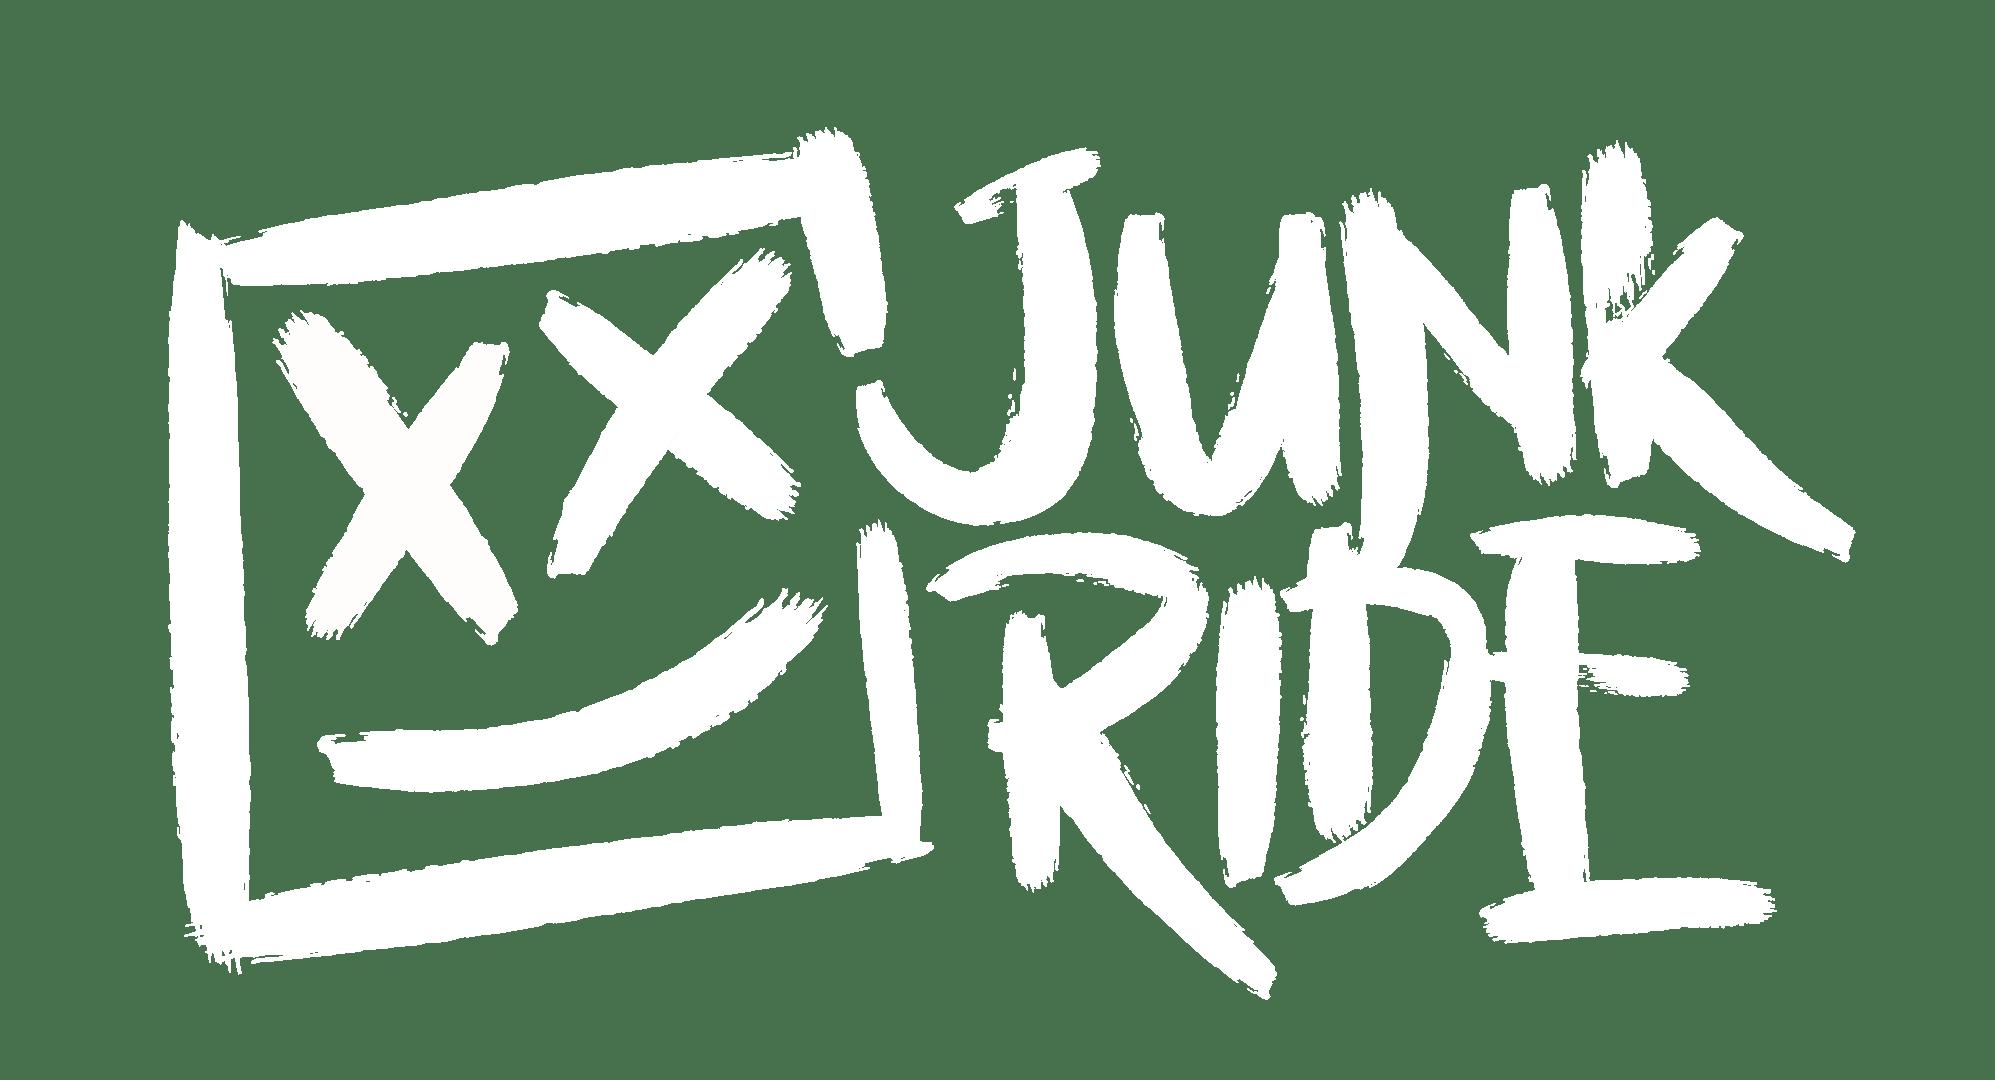 8b29182edc JUNKRIDE BMX   MTB - JUNKRIDE Crew